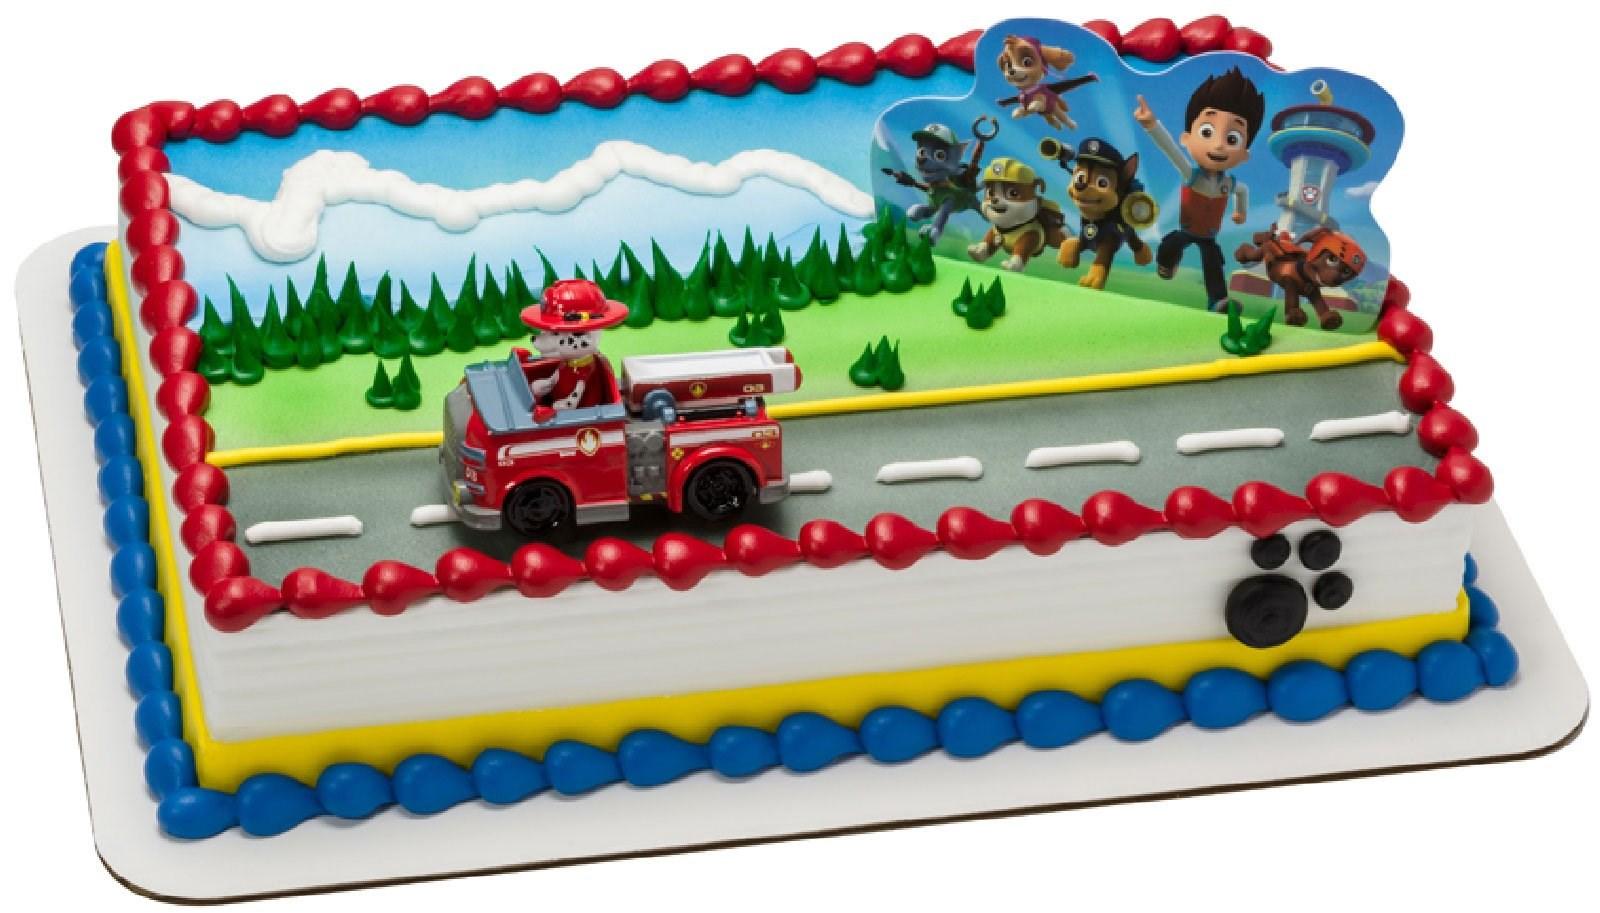 Monster Truck Birthday Caks